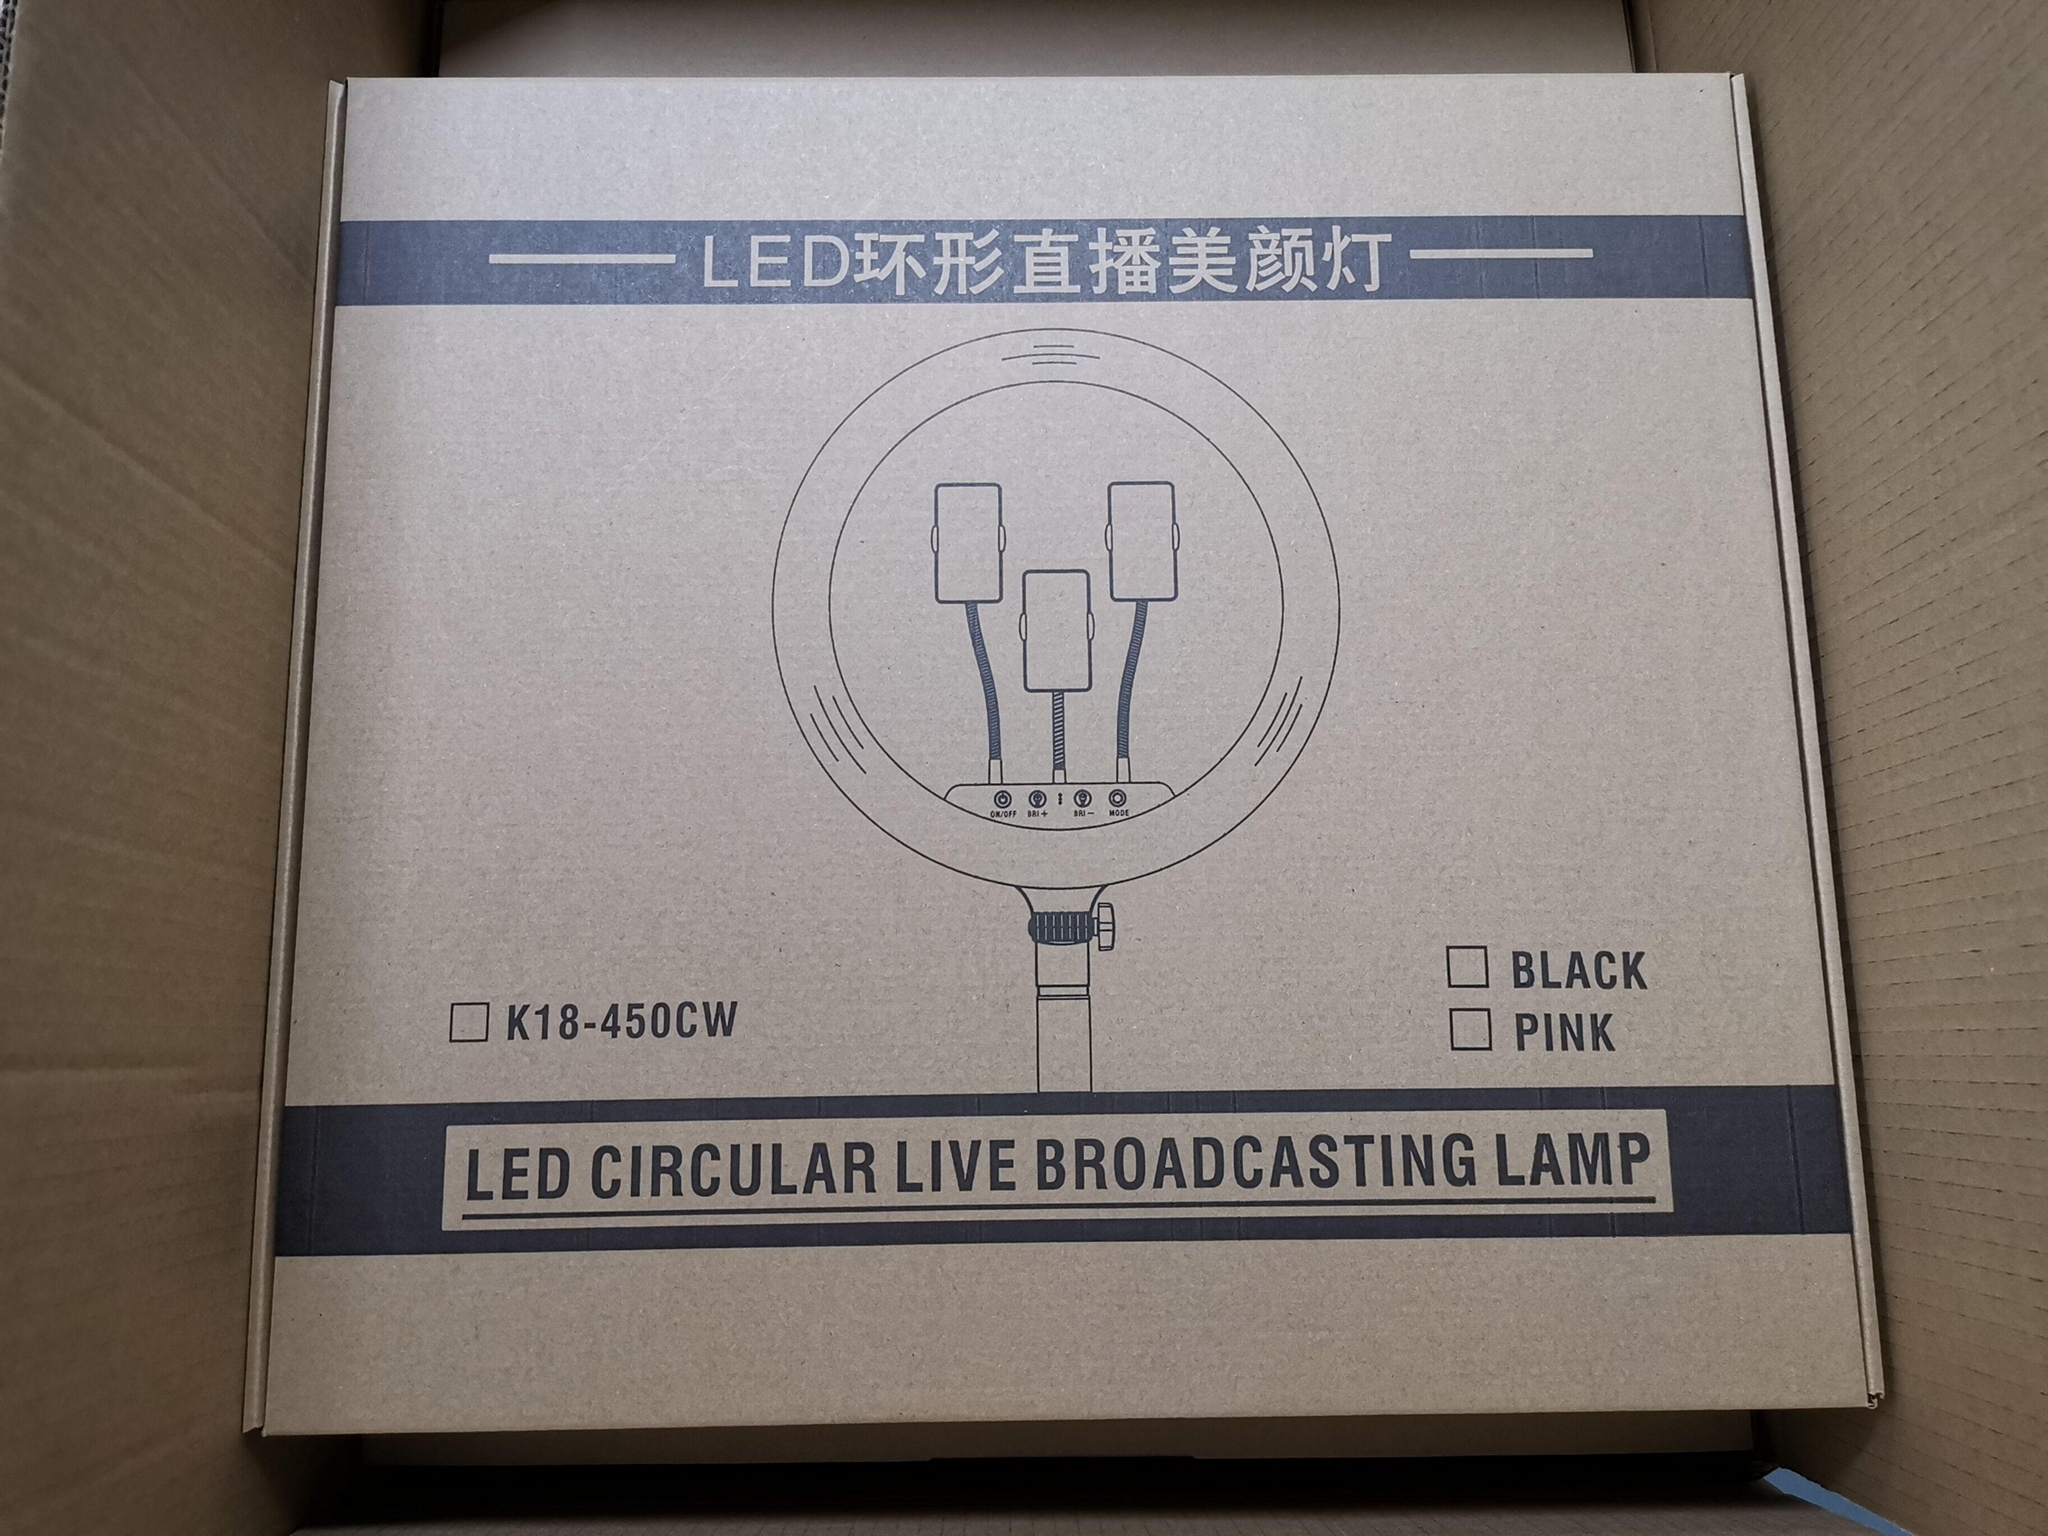 新款熱銷18寸led環形直播燈美顏手機拍照主播攝影補光燈設備 16